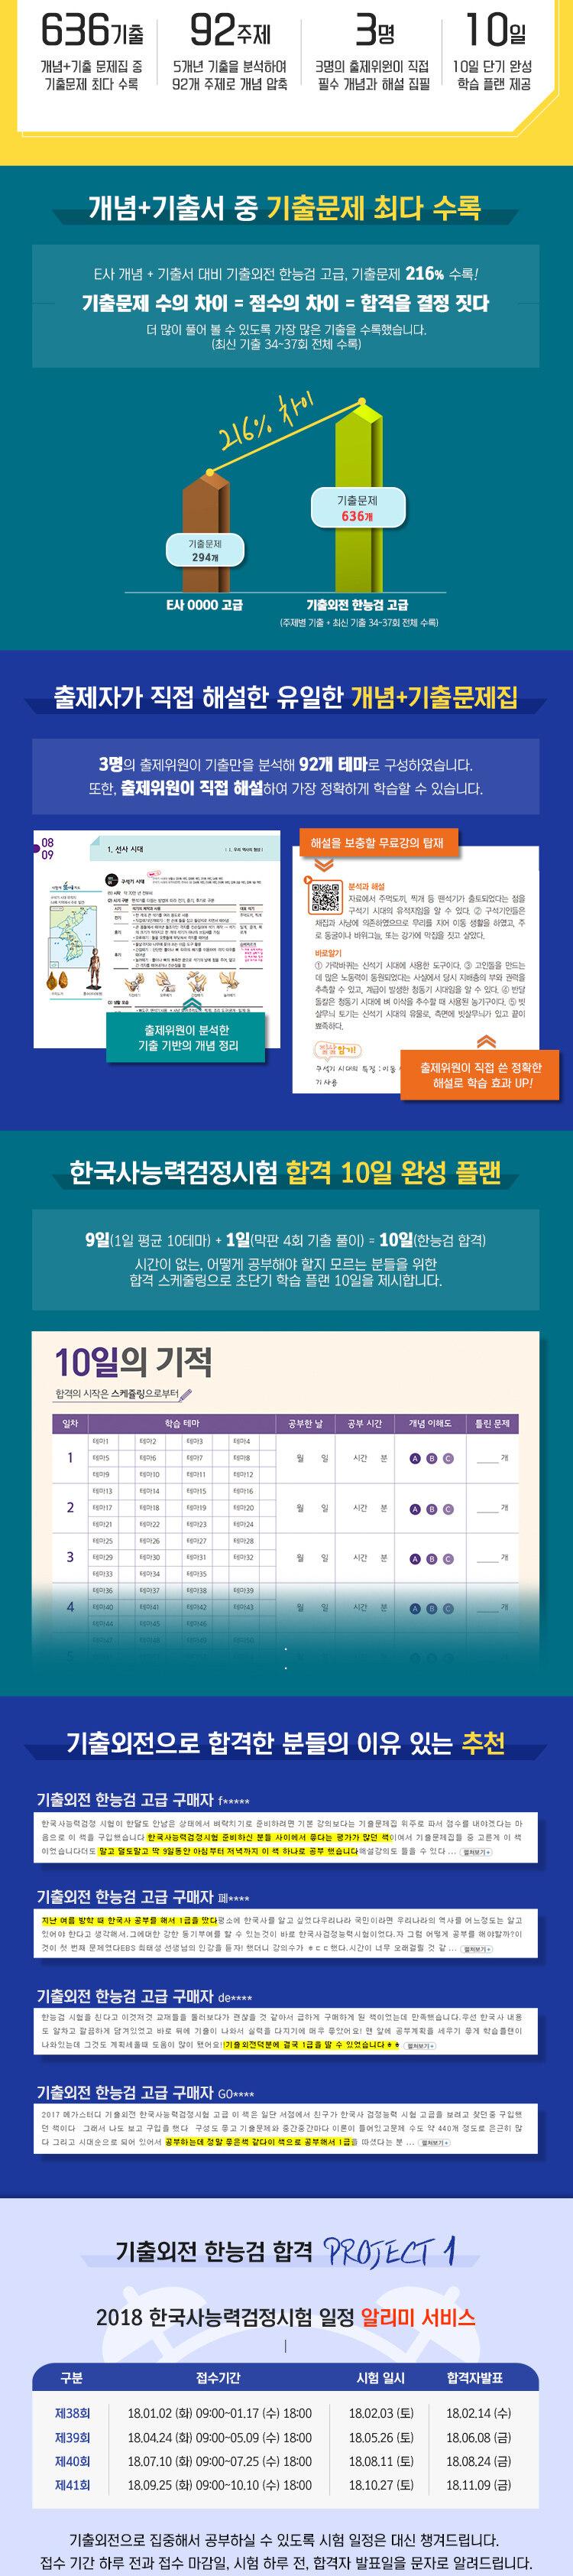 메가북스 기출외전 한국사능력검정 출간 기념 이벤트